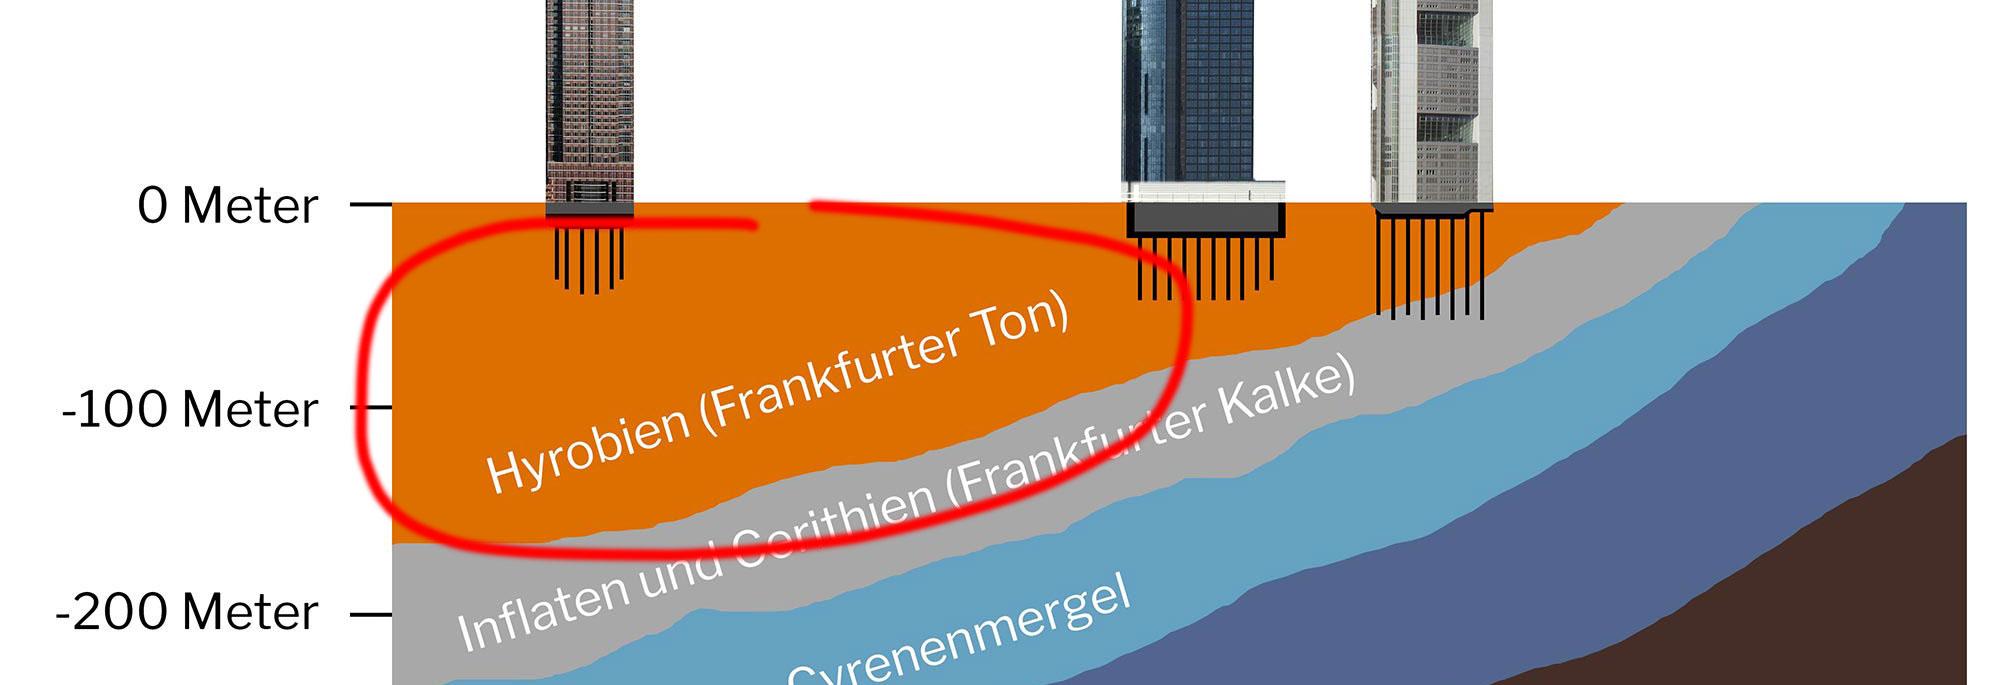 Was ist der Frankfurter Ton?